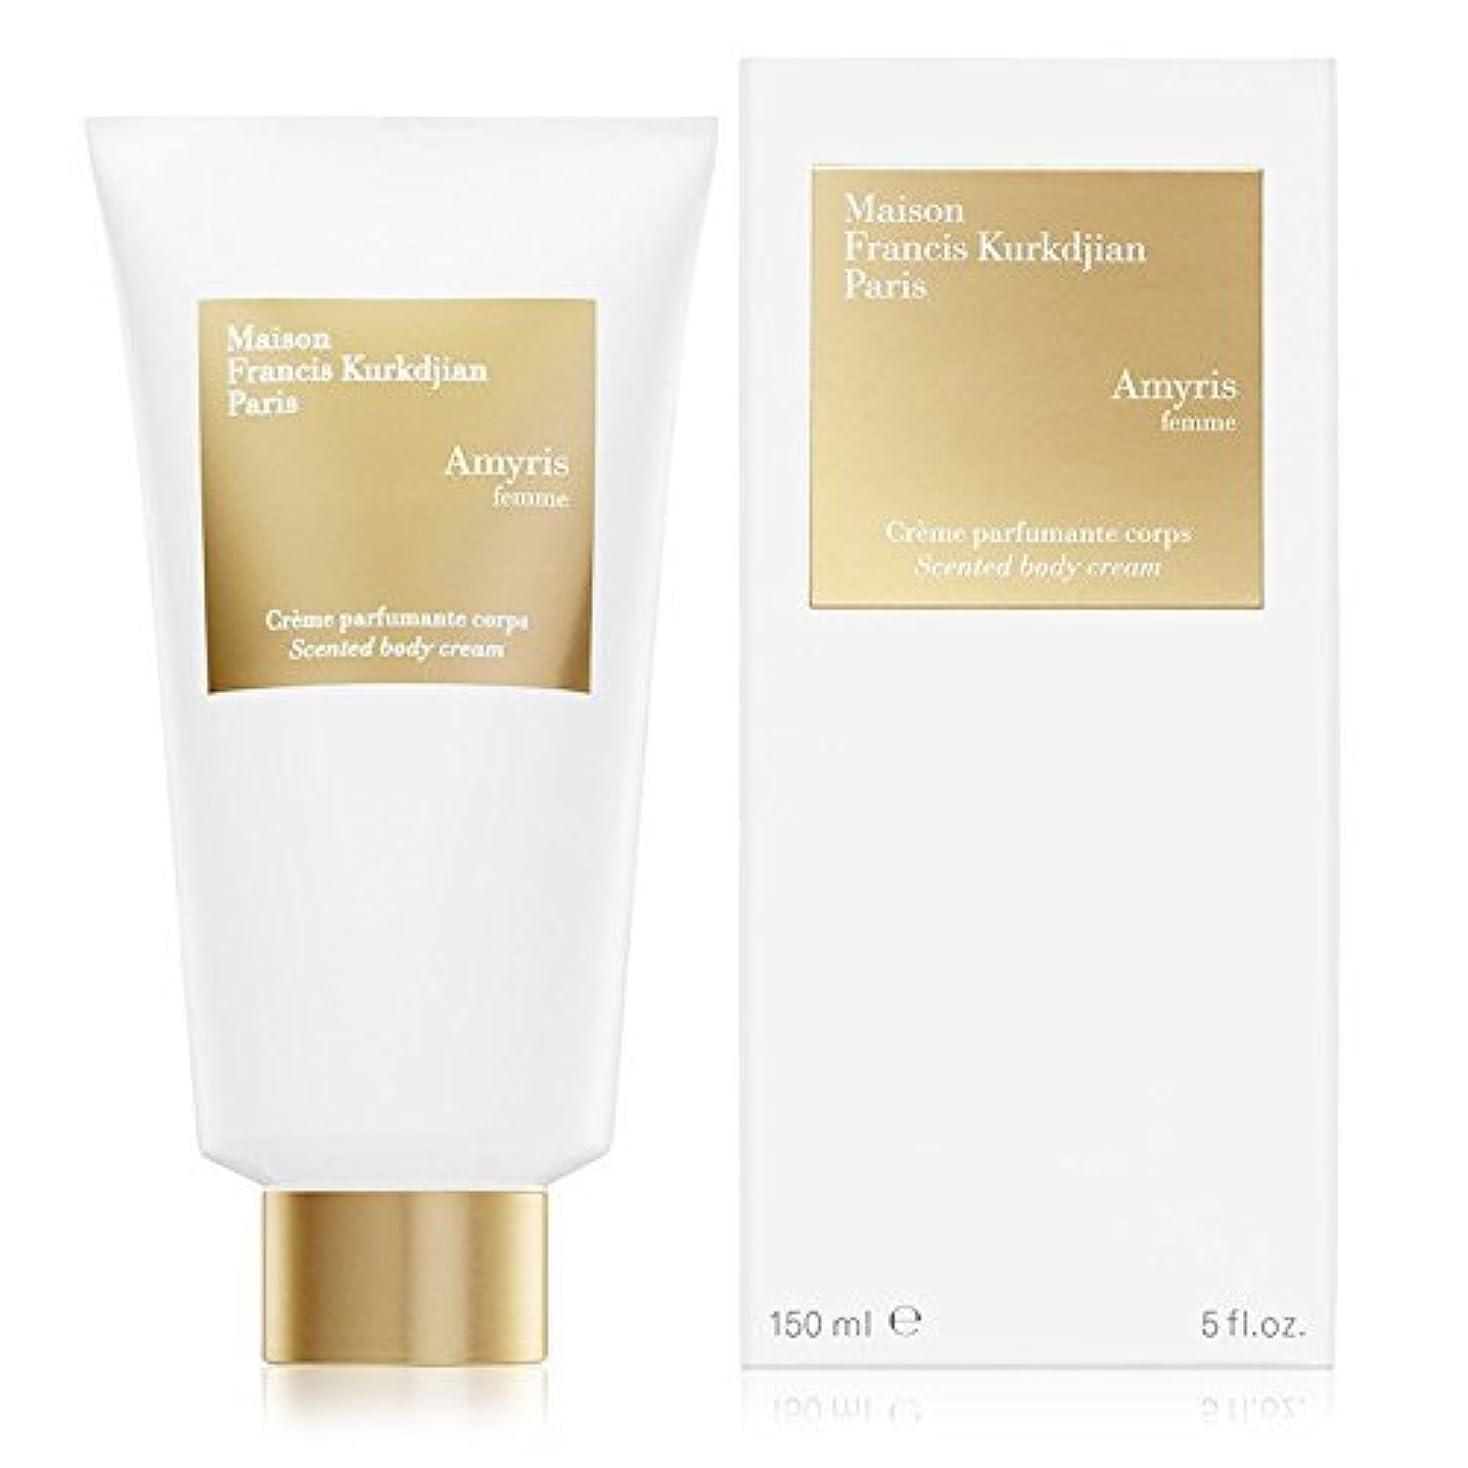 フライトどっち資料Maison Francis Kurkdjian Amyris Femme Scented Body Cream(メゾン フランシス クルジャン アミリス ファム ボディクリーム)150ml [並行輸入品]